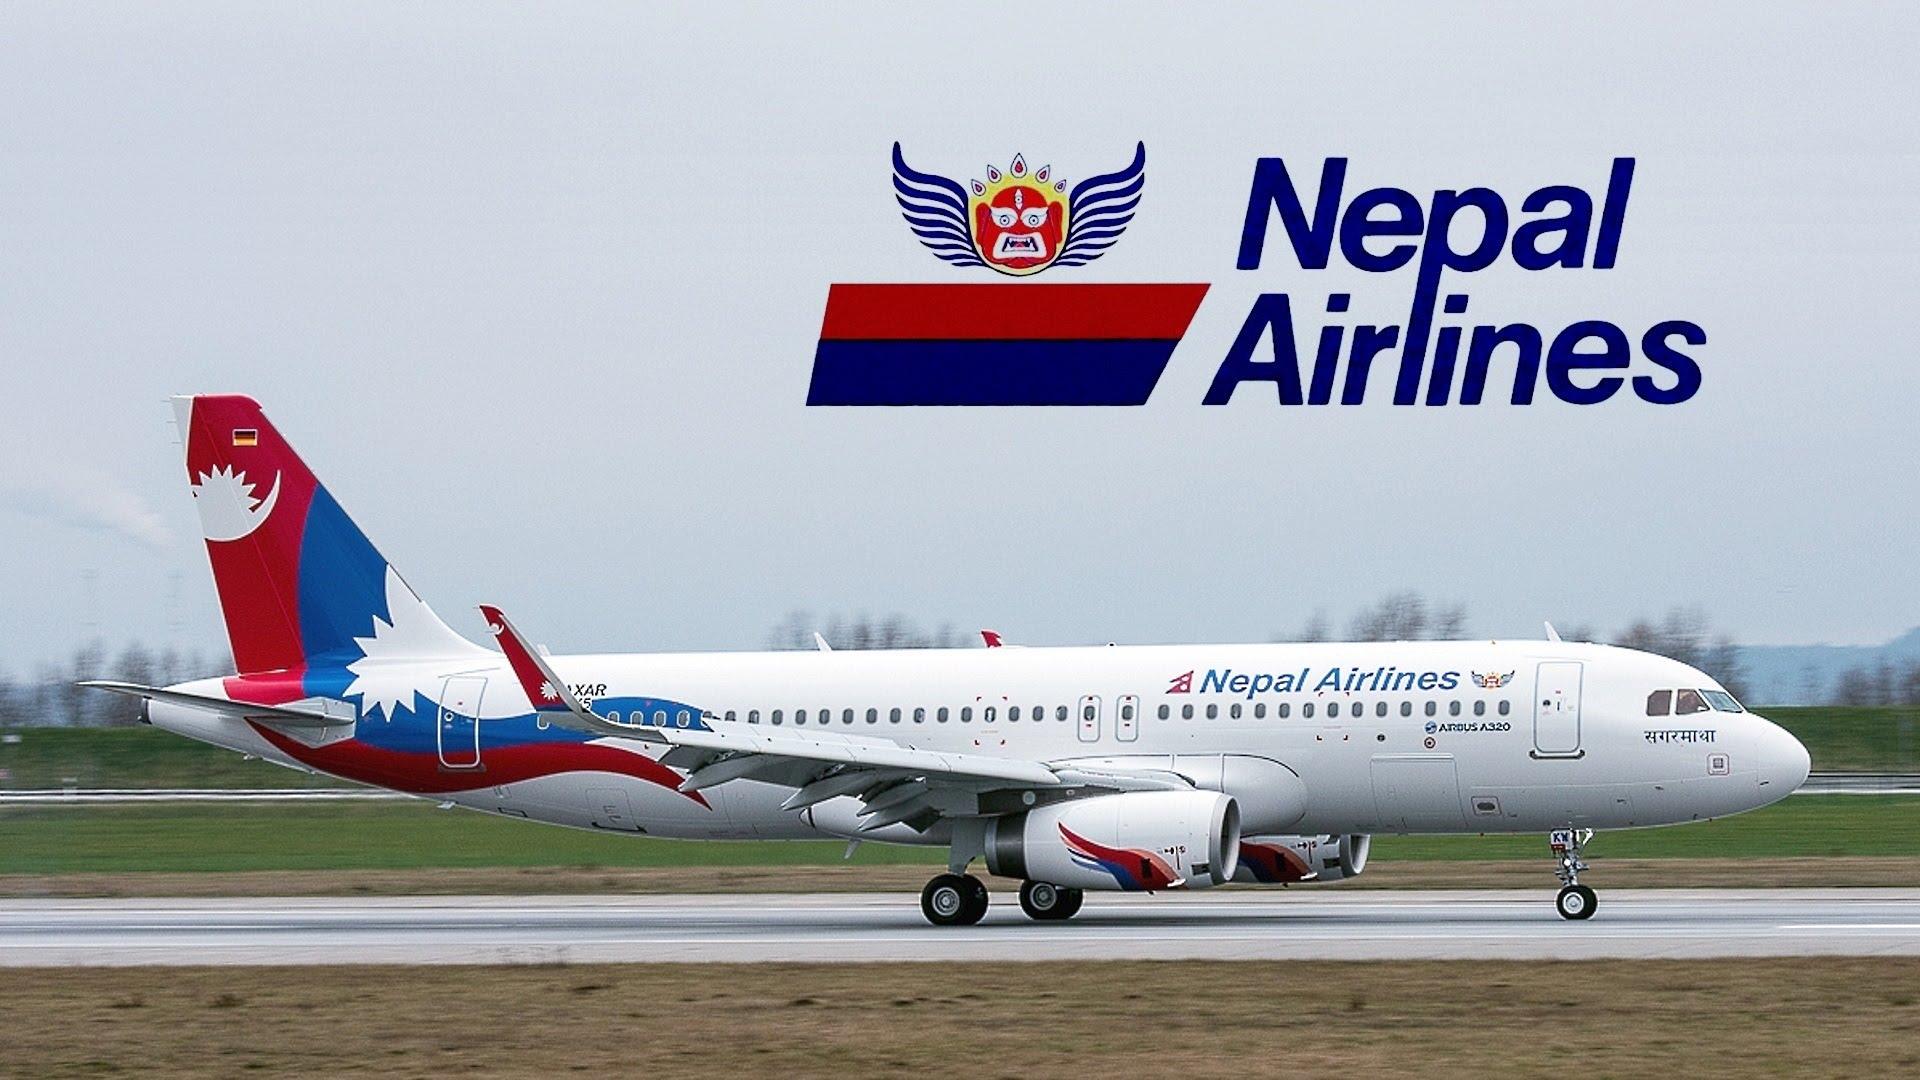 ネパール航空 (RA)が関西空港(KIX)に再就航(2019/7/4から)